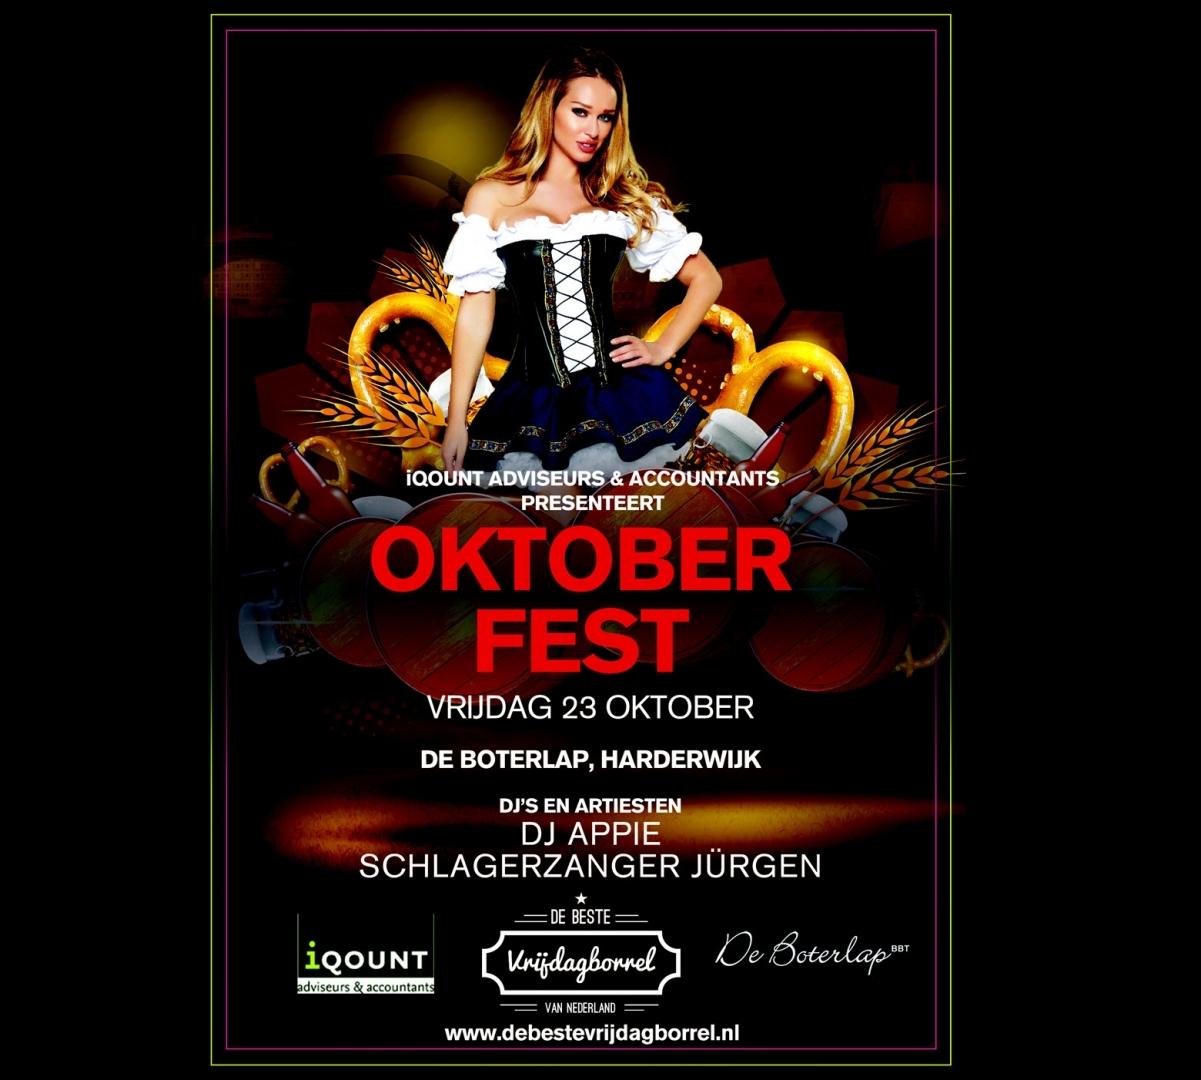 iQOUNT groots Oktober Fest in de Boterlap Harderwijk